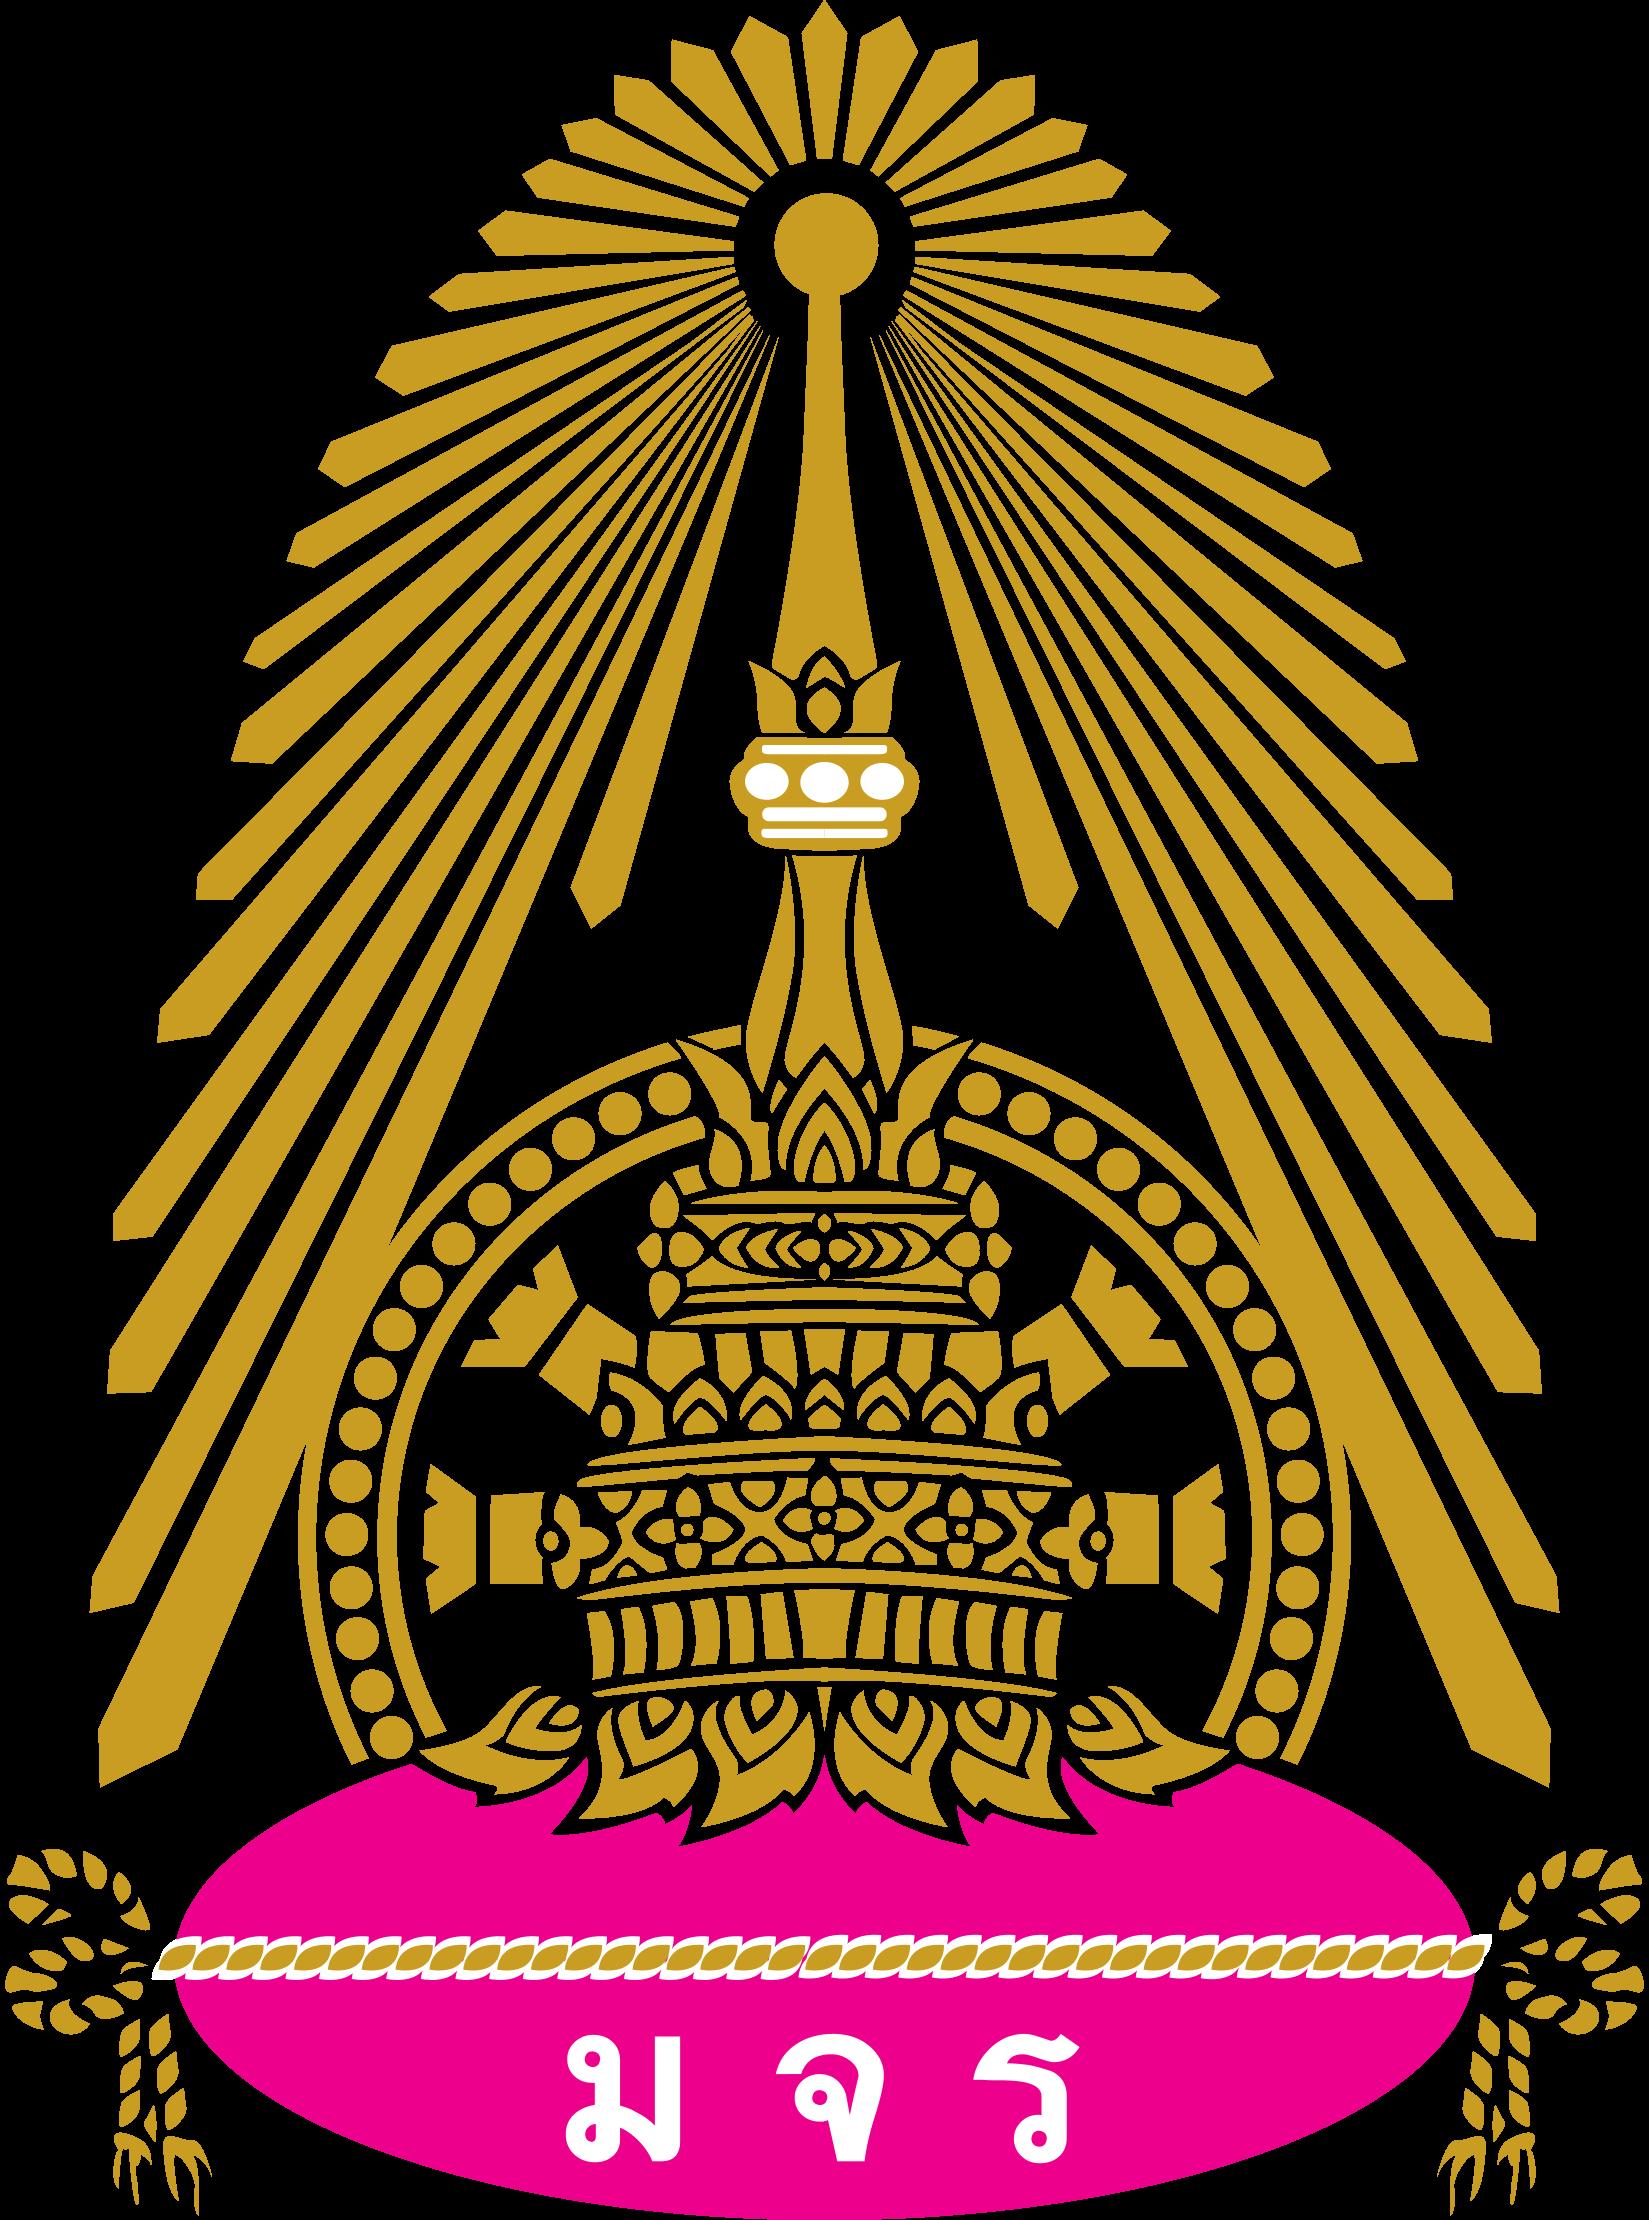 mcu-logo